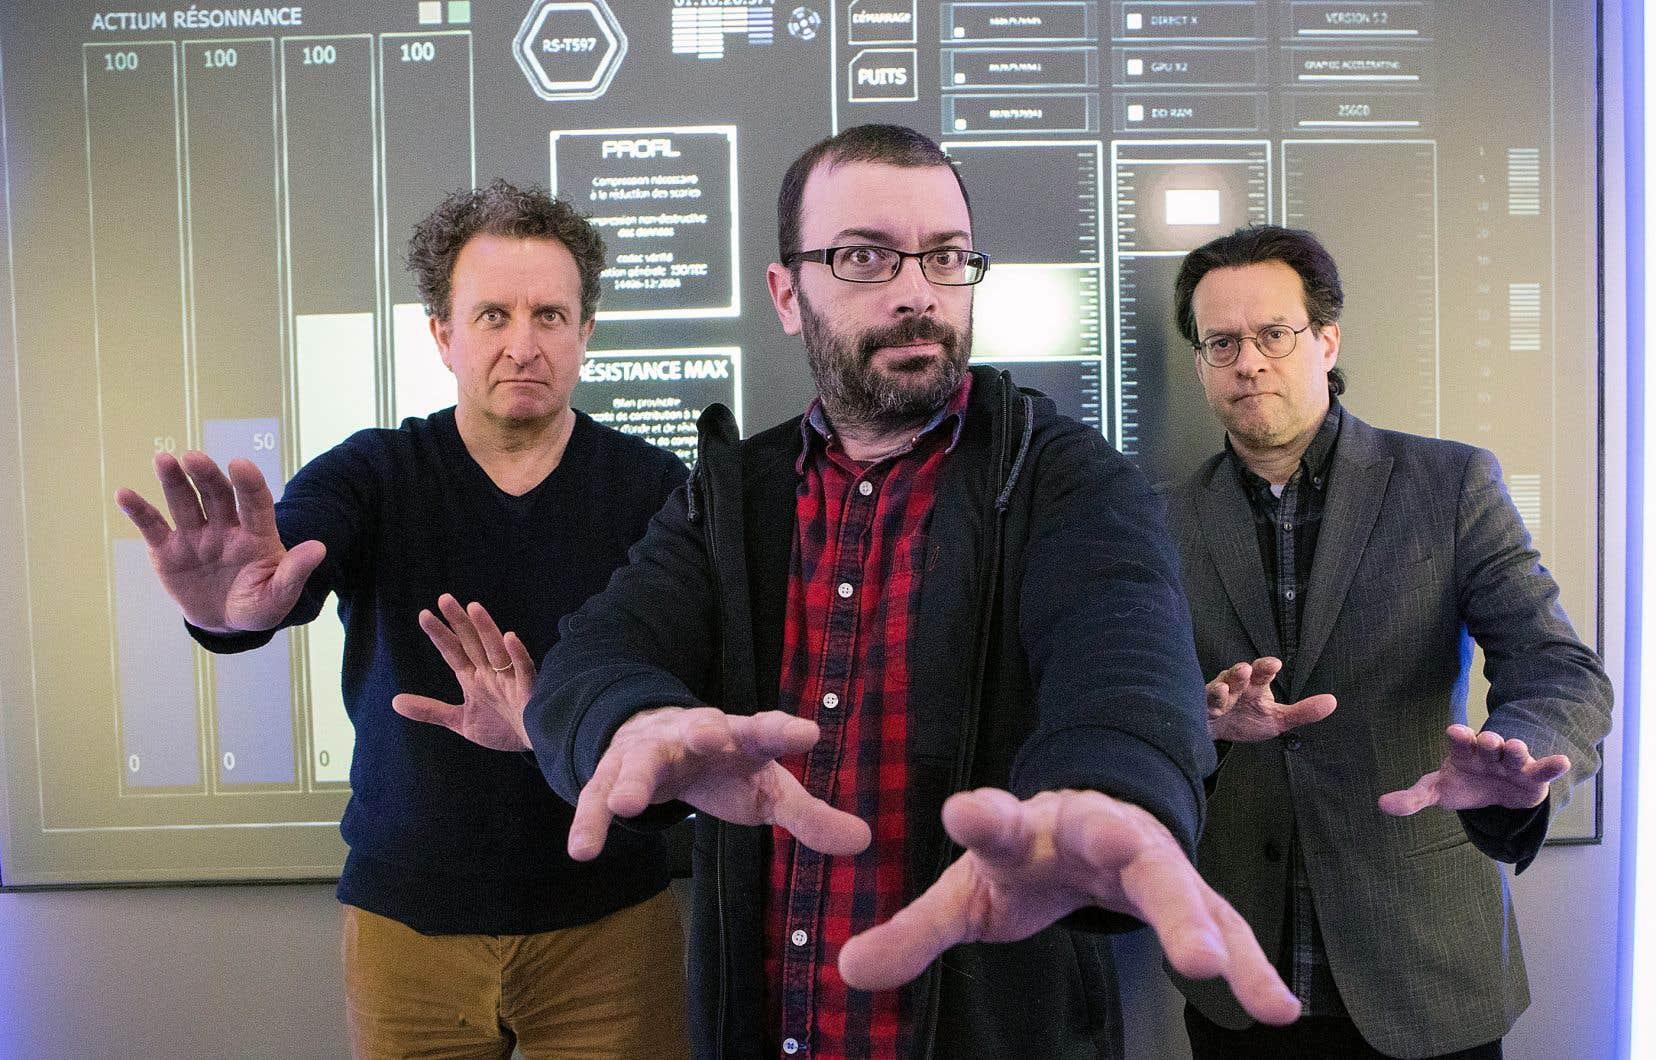 Daniel Brière, Christian Vanasse et Alexis Martin craignaient certaines propositions des spectateurs. Au moment de l'entrevue, ils n'avaient pas encore reçu la compilation des répliques des internautes à intégrer durant le spectacle.